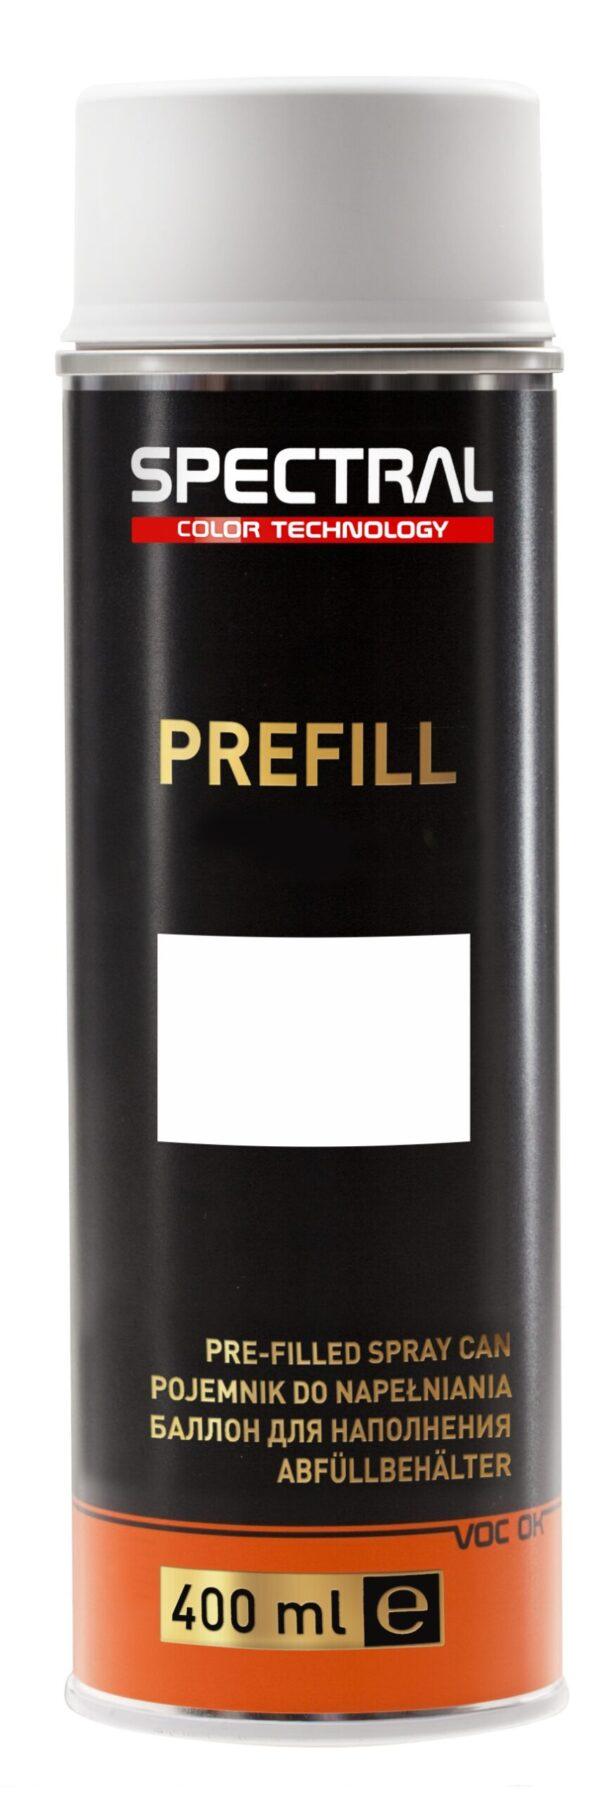 PREFILL